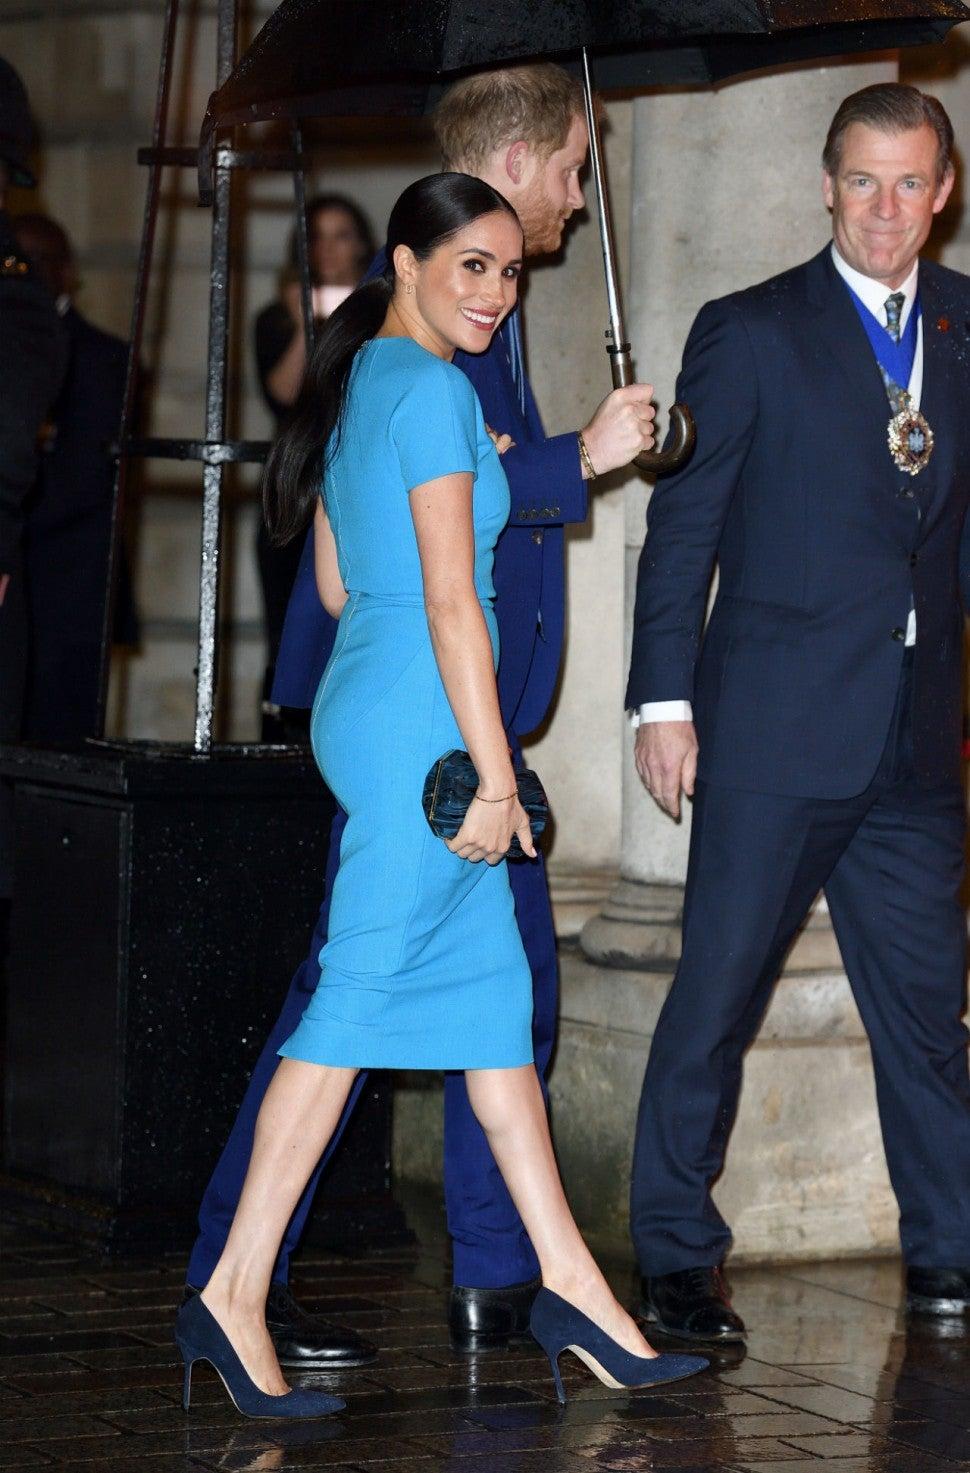 Công nương Meghan Markle trong thiết kế của Victoria Beckham trong chuỗi sự kiện hoàng gia cuối cùng